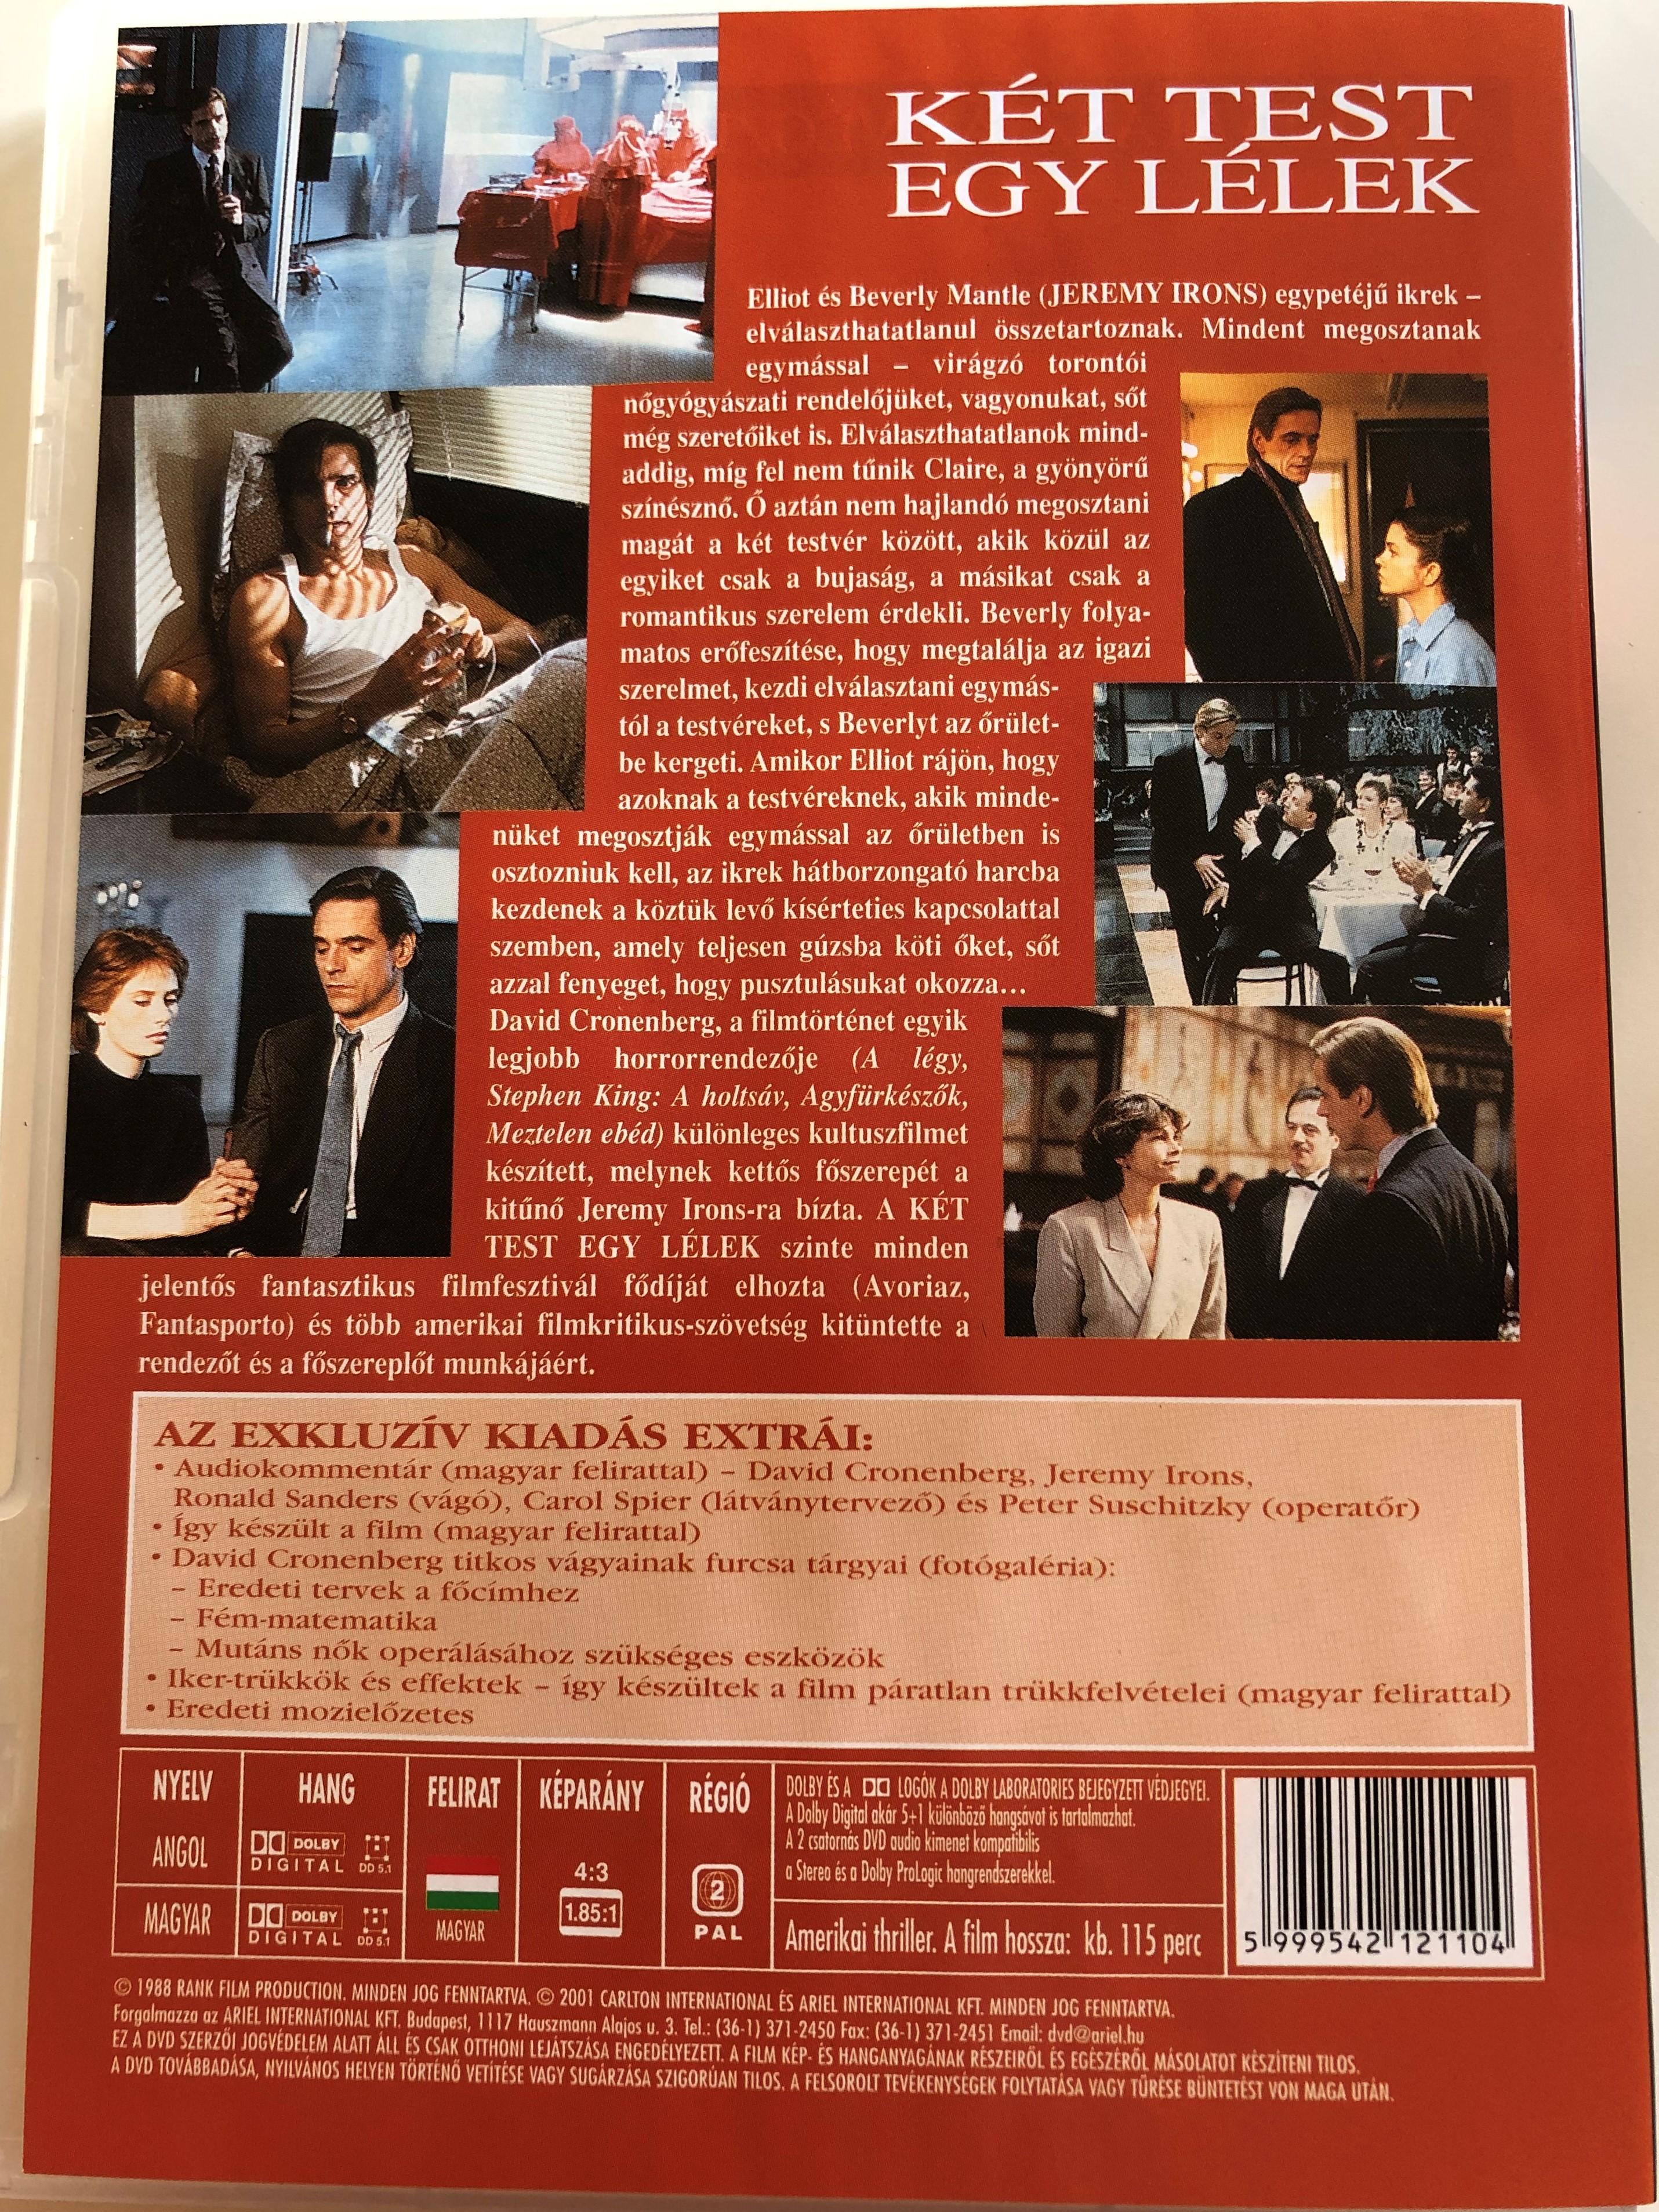 dead-ringers-dvd-1988-k-t-test-egy-l-lek-directed-by-david-cronenberg-2.jpg